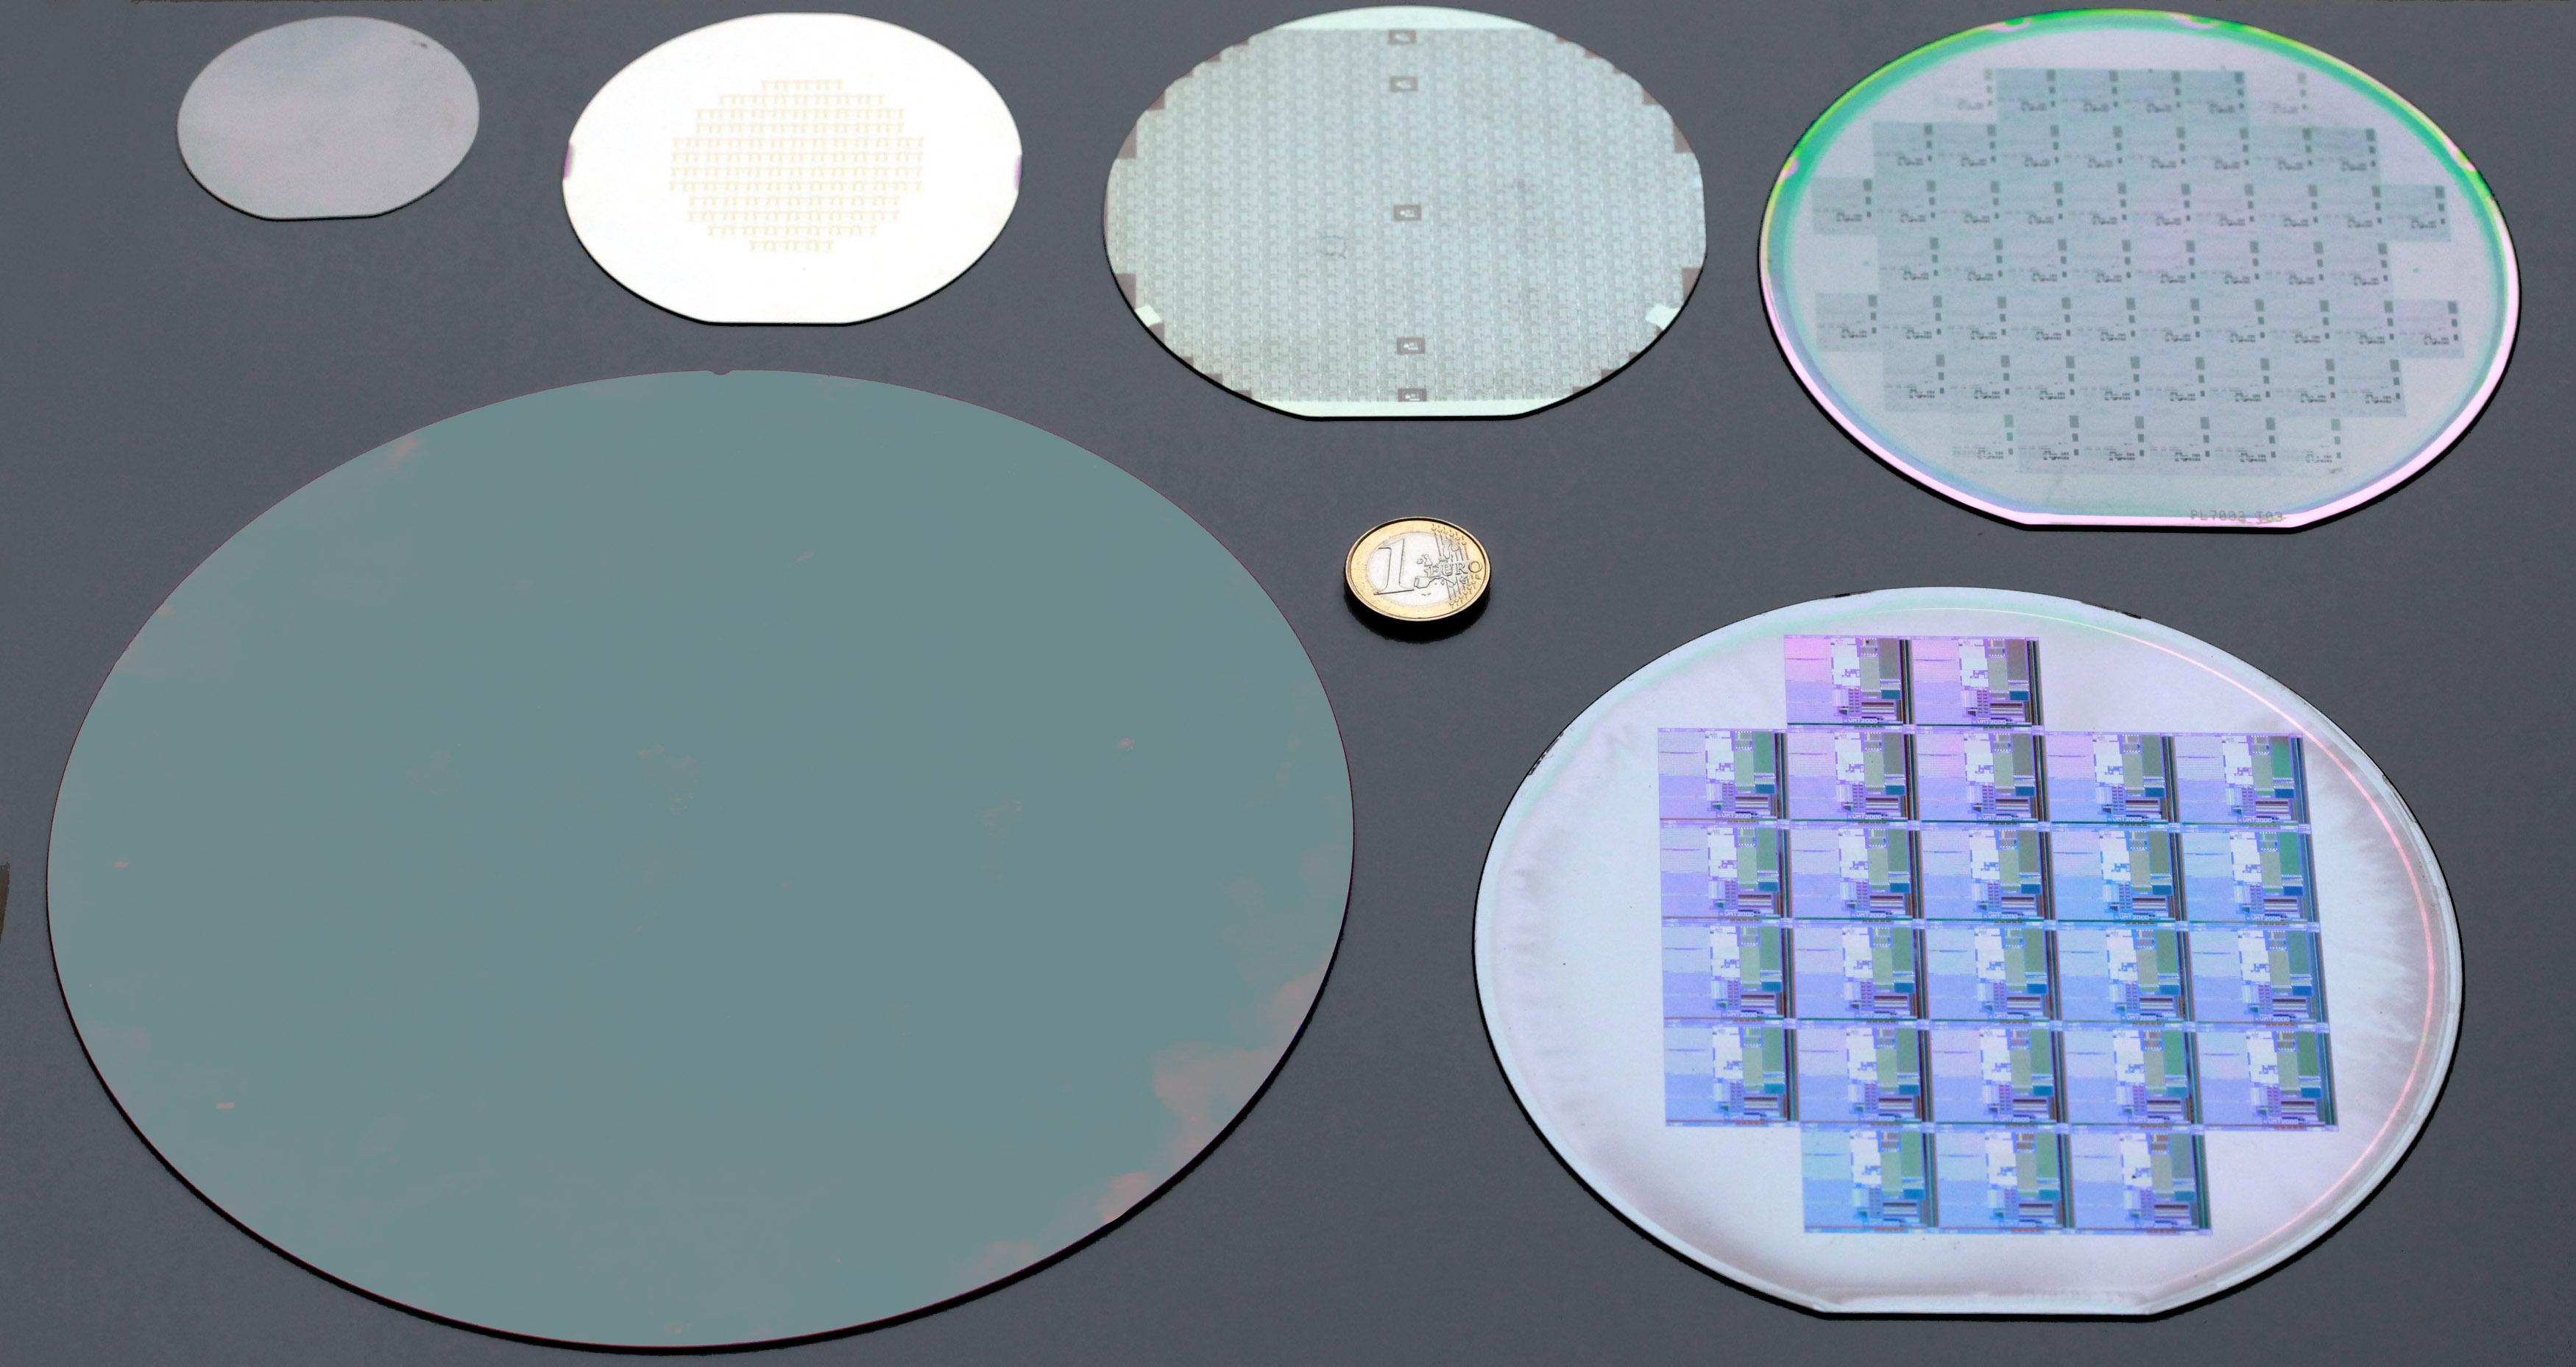 激光测量晶圆厚度,持续壮大集成电路